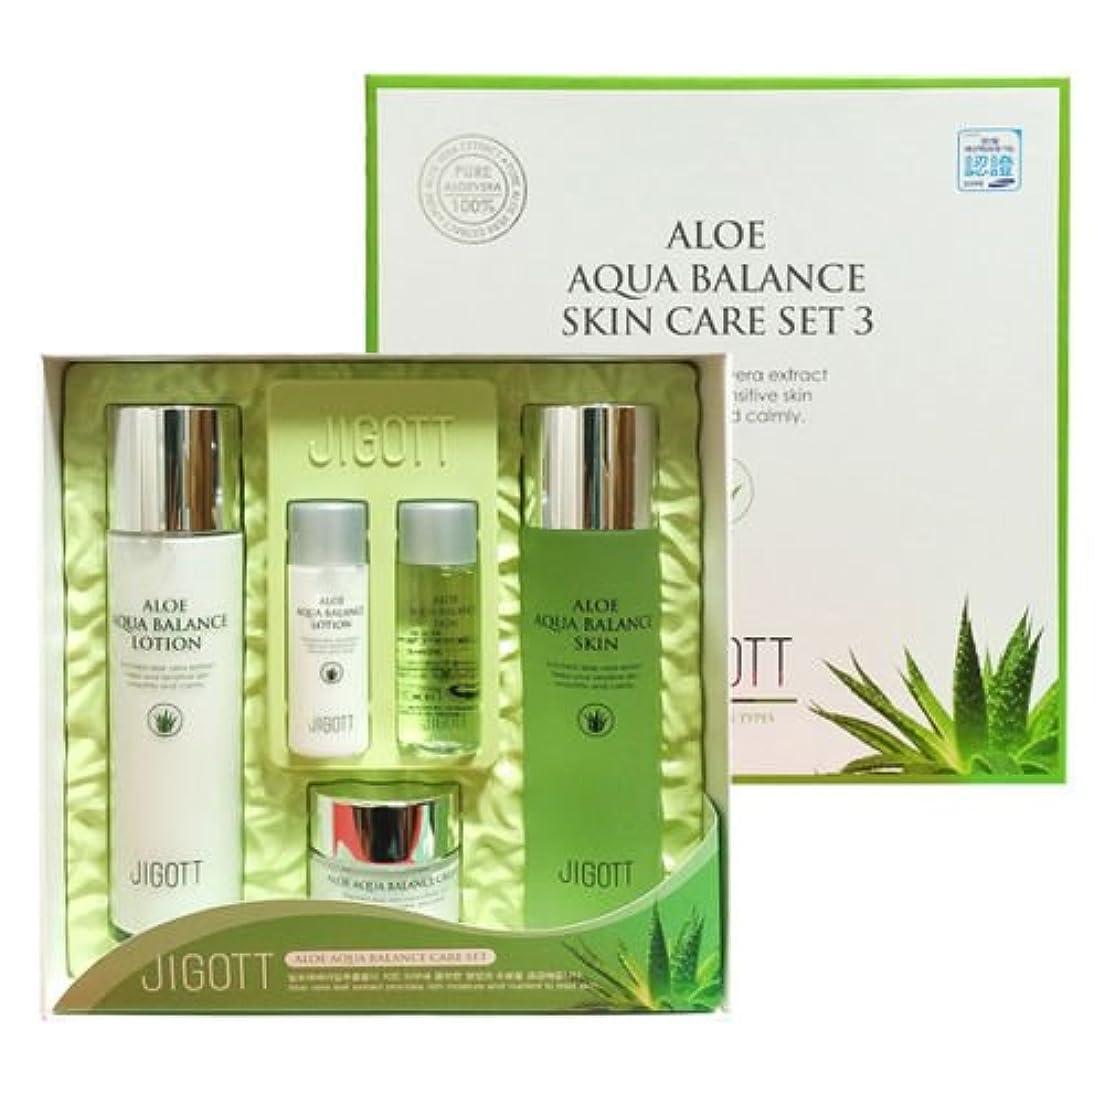 リフト郡写真を撮るジゴトゥ[韓国コスメJigott]Aloe Aqua Balance Skin Care 3 Set アロエアクアバランススキンケア3セット樹液,乳液,クリーム [並行輸入品]